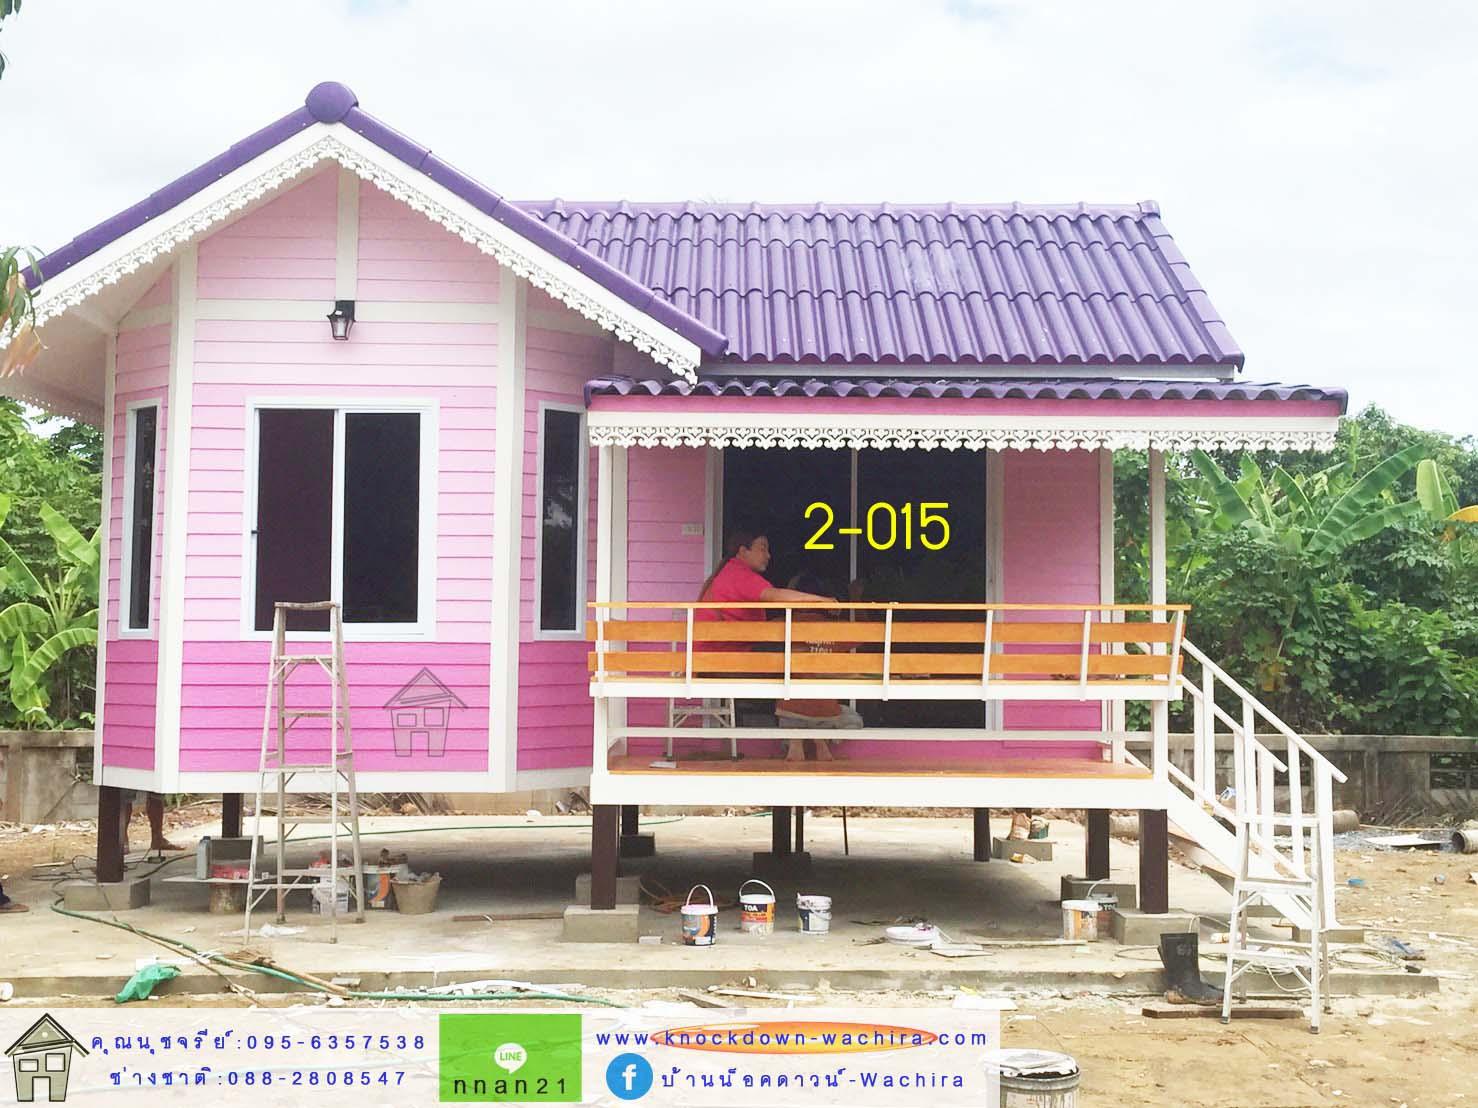 ขายบ้านน็อคดาวน์ราคาถูก บ้านโมบายสำเร็จรูปราคาถูก บริการออกแบบและสร้างบ้านสำเร็จรูปสไตล์รีสอร์ท